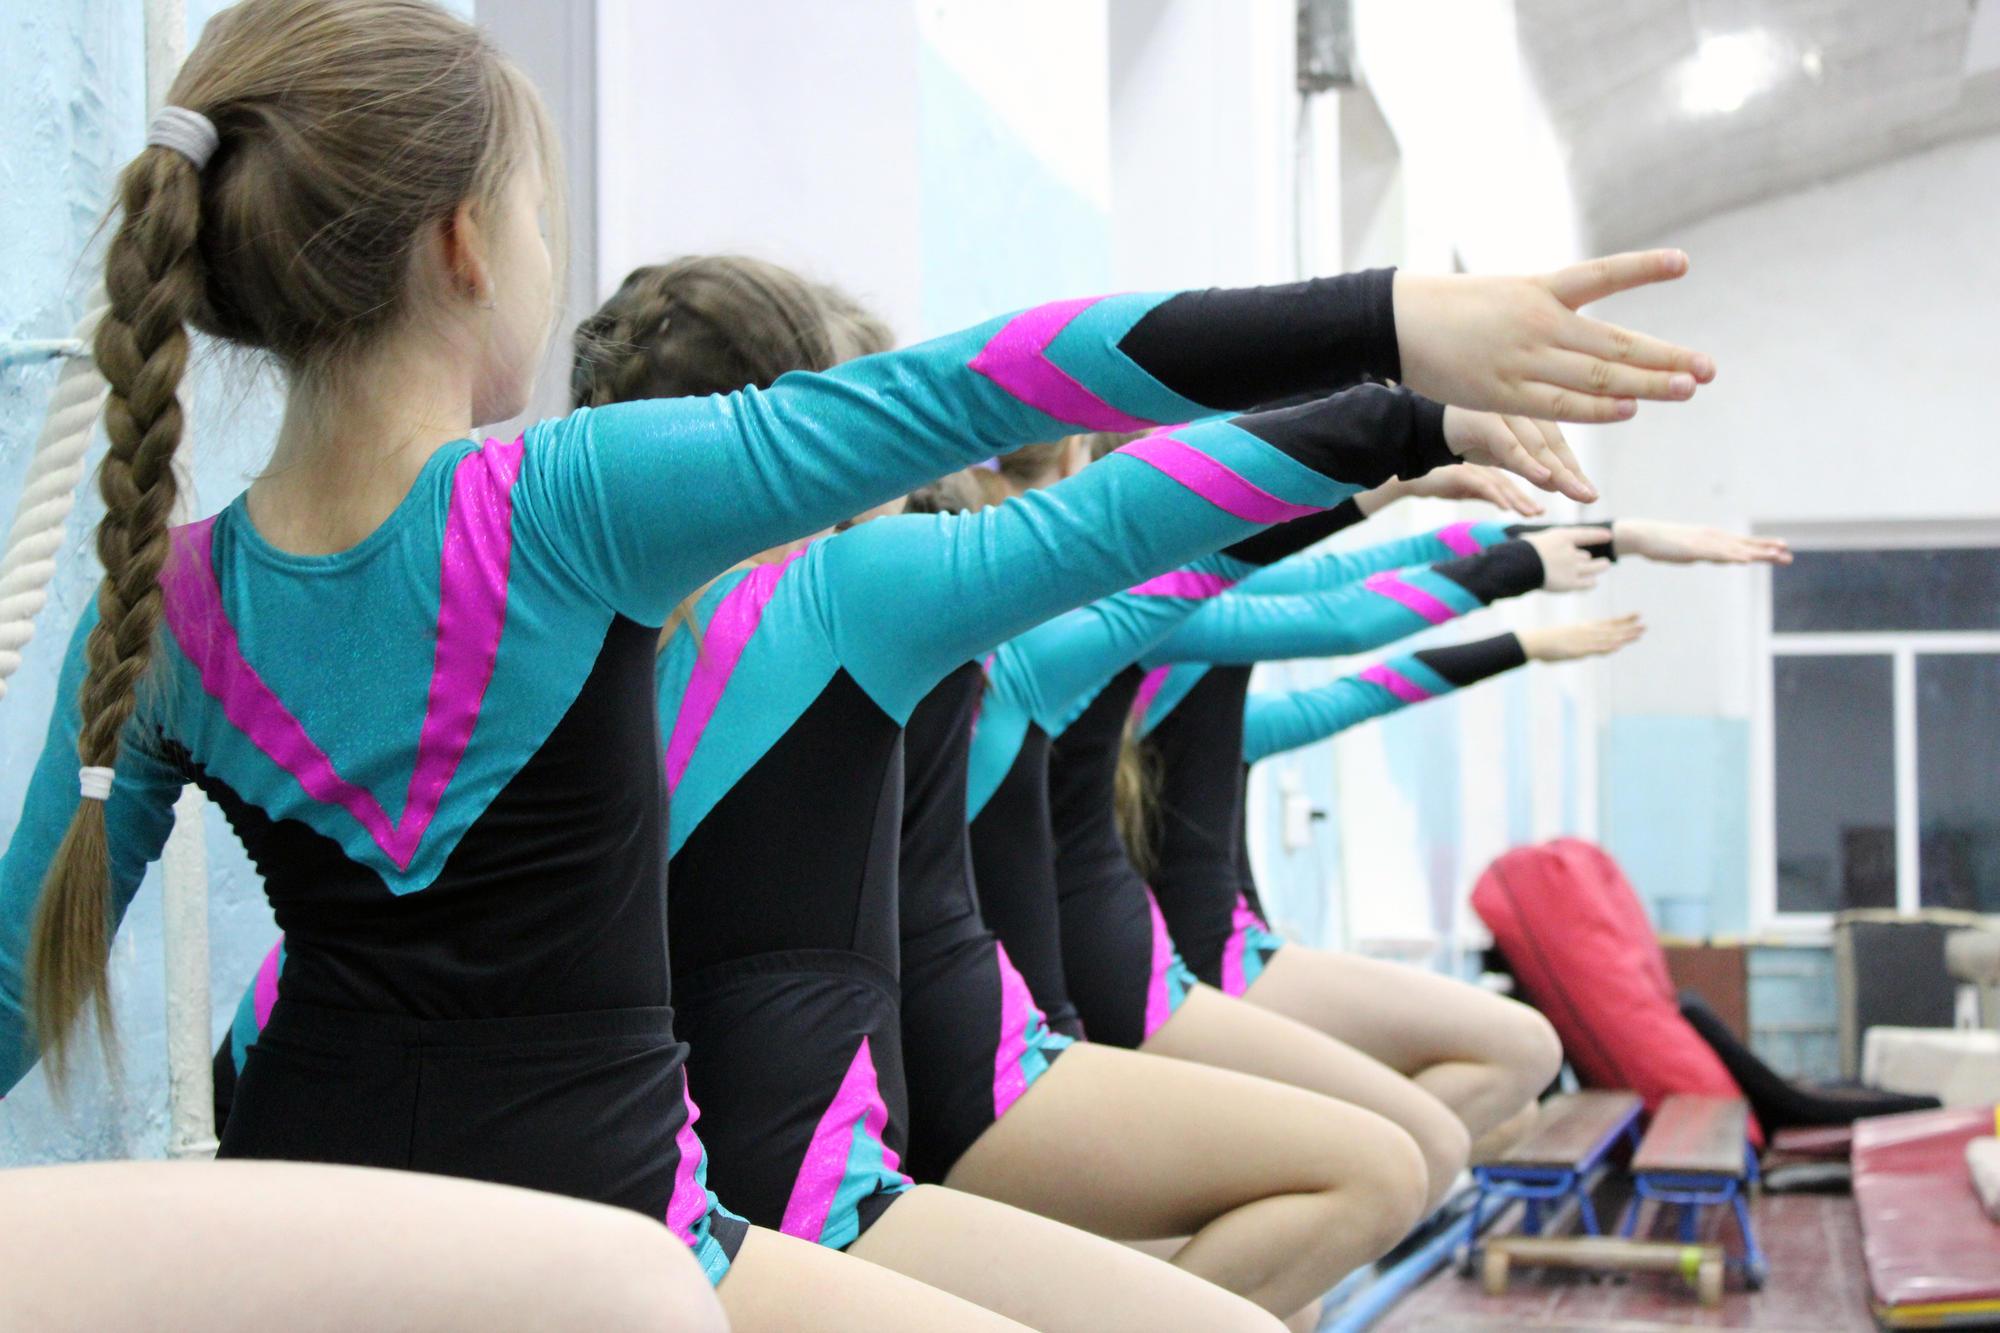 """Як проходять тренування з гімнастики у бахмутському спортклубі """"Юпітер"""""""